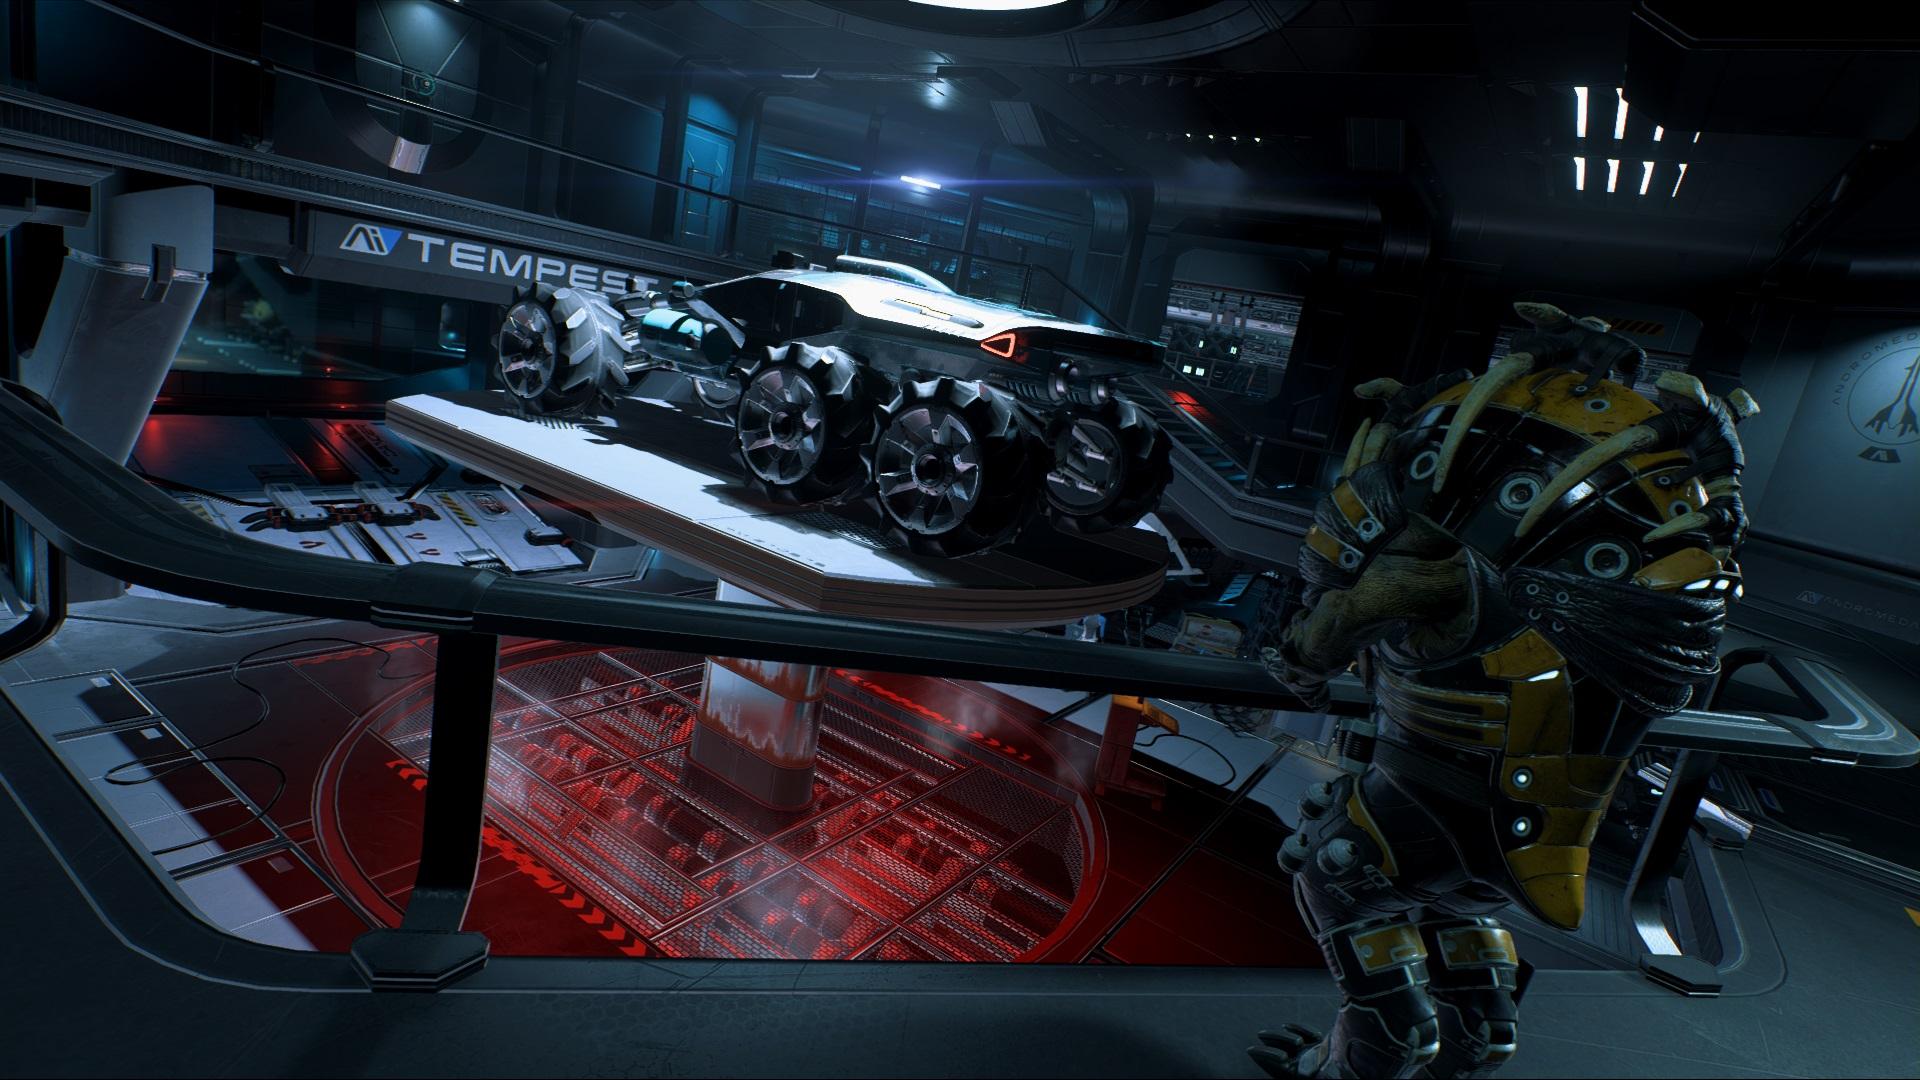 Je Mass Effect: Andromeda špatná hra? 13129